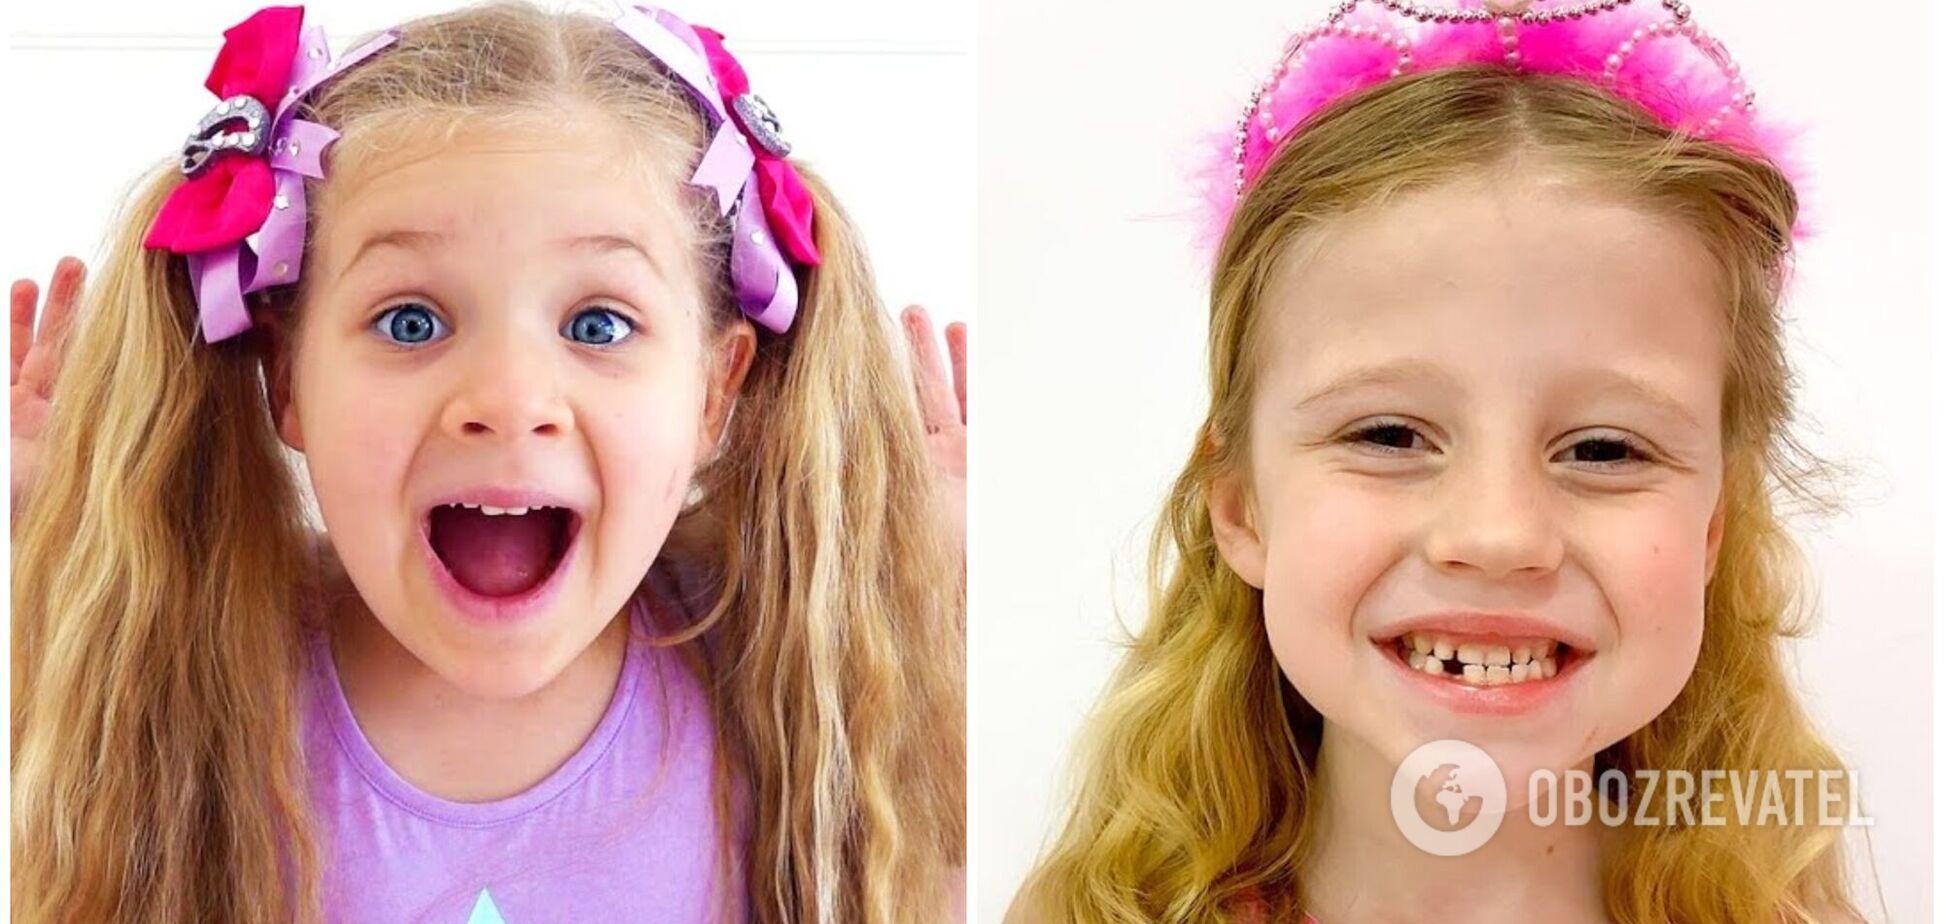 Топ-5 найбагатших і відомих дітей-блогерів, яким немає й 10 років. Відео